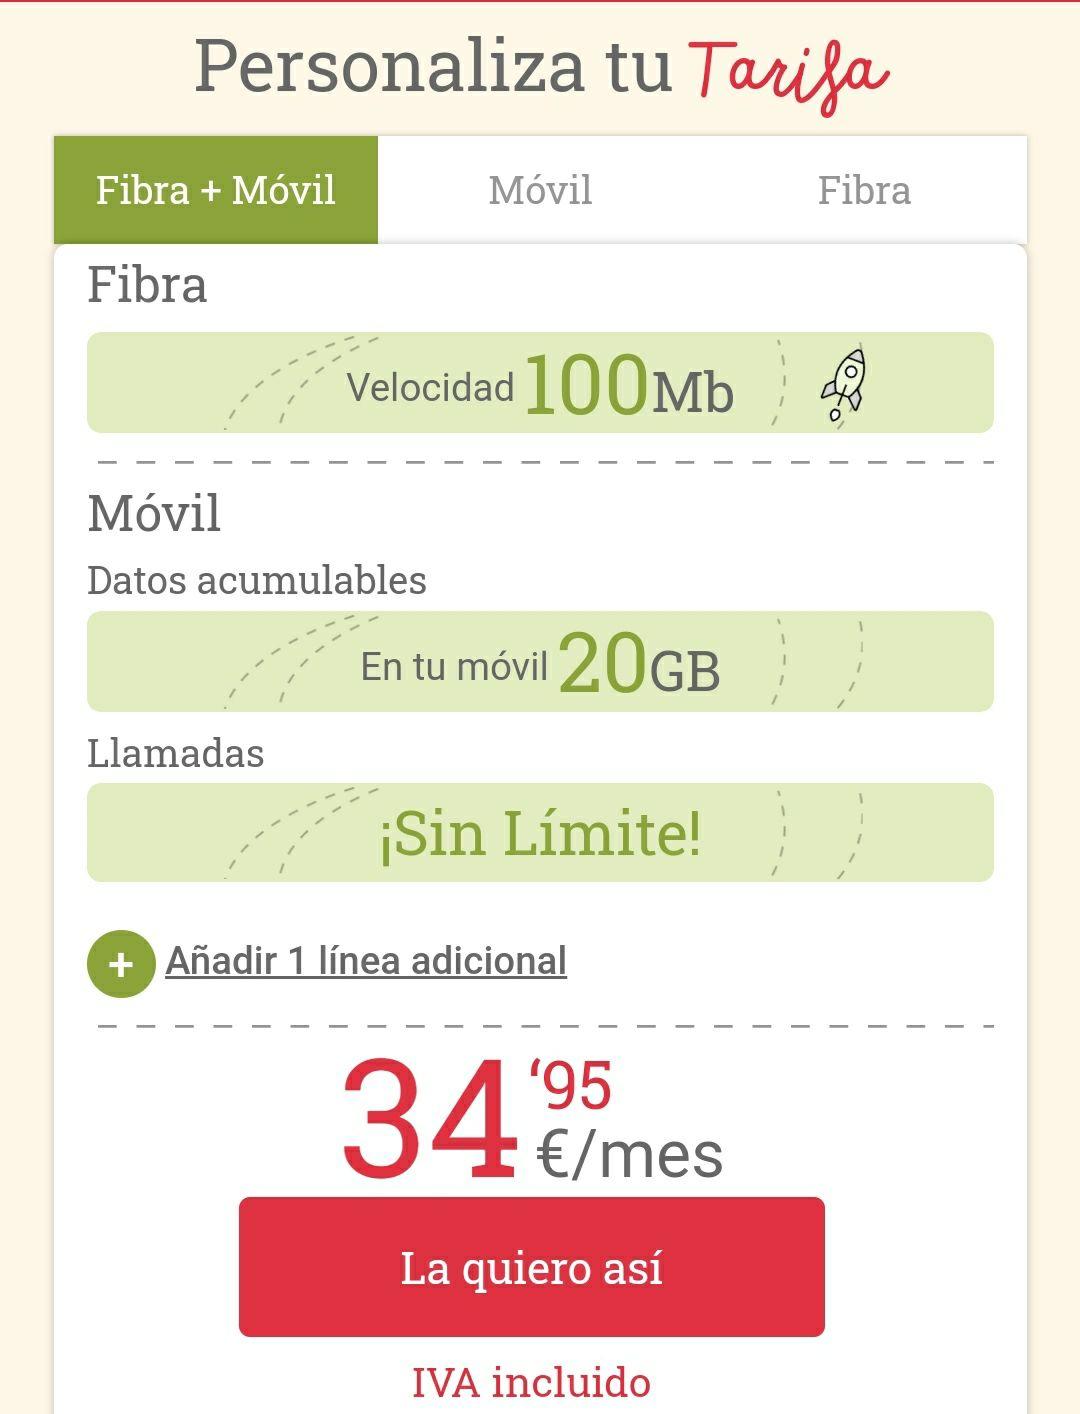 VUELVE LA FIBRA + MOVIL DE LOWI A 34.95 PARA SIEMPRE